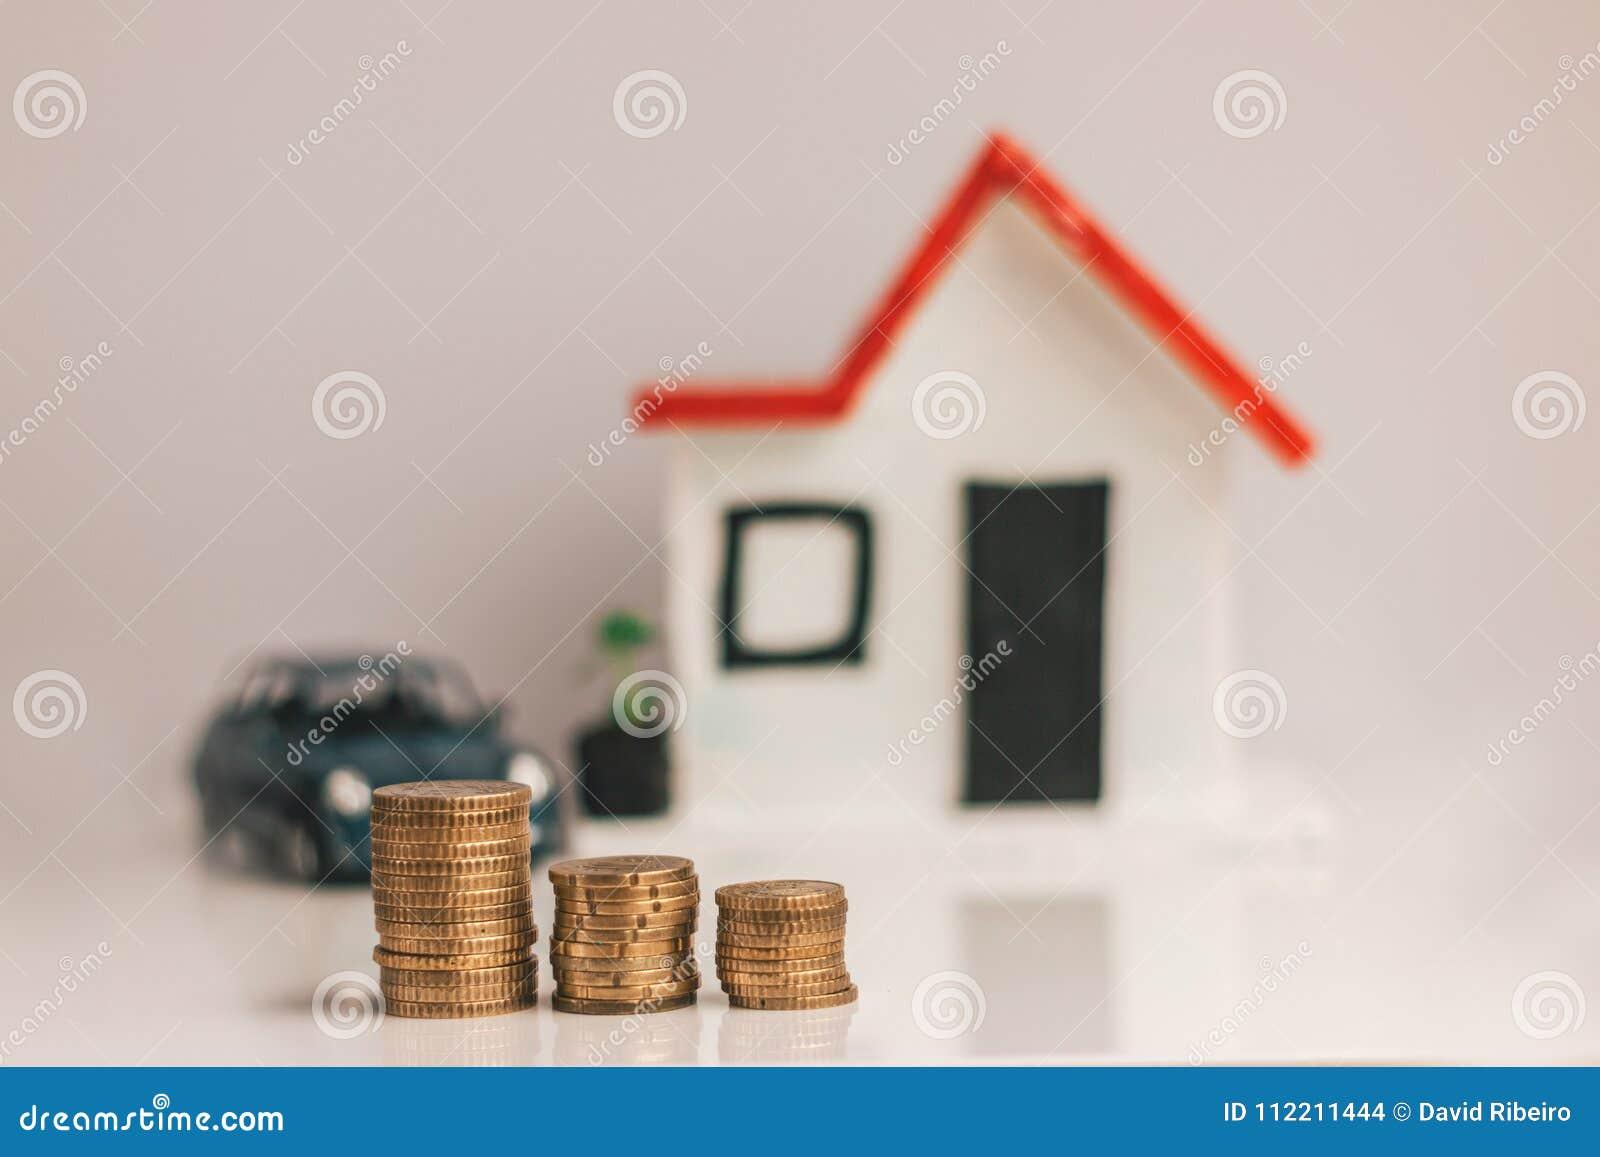 Coni la pila con una casa vaga e l automobile sui precedenti: bene immobile, proprietà, ipoteca, concetto finanziario di risparmi